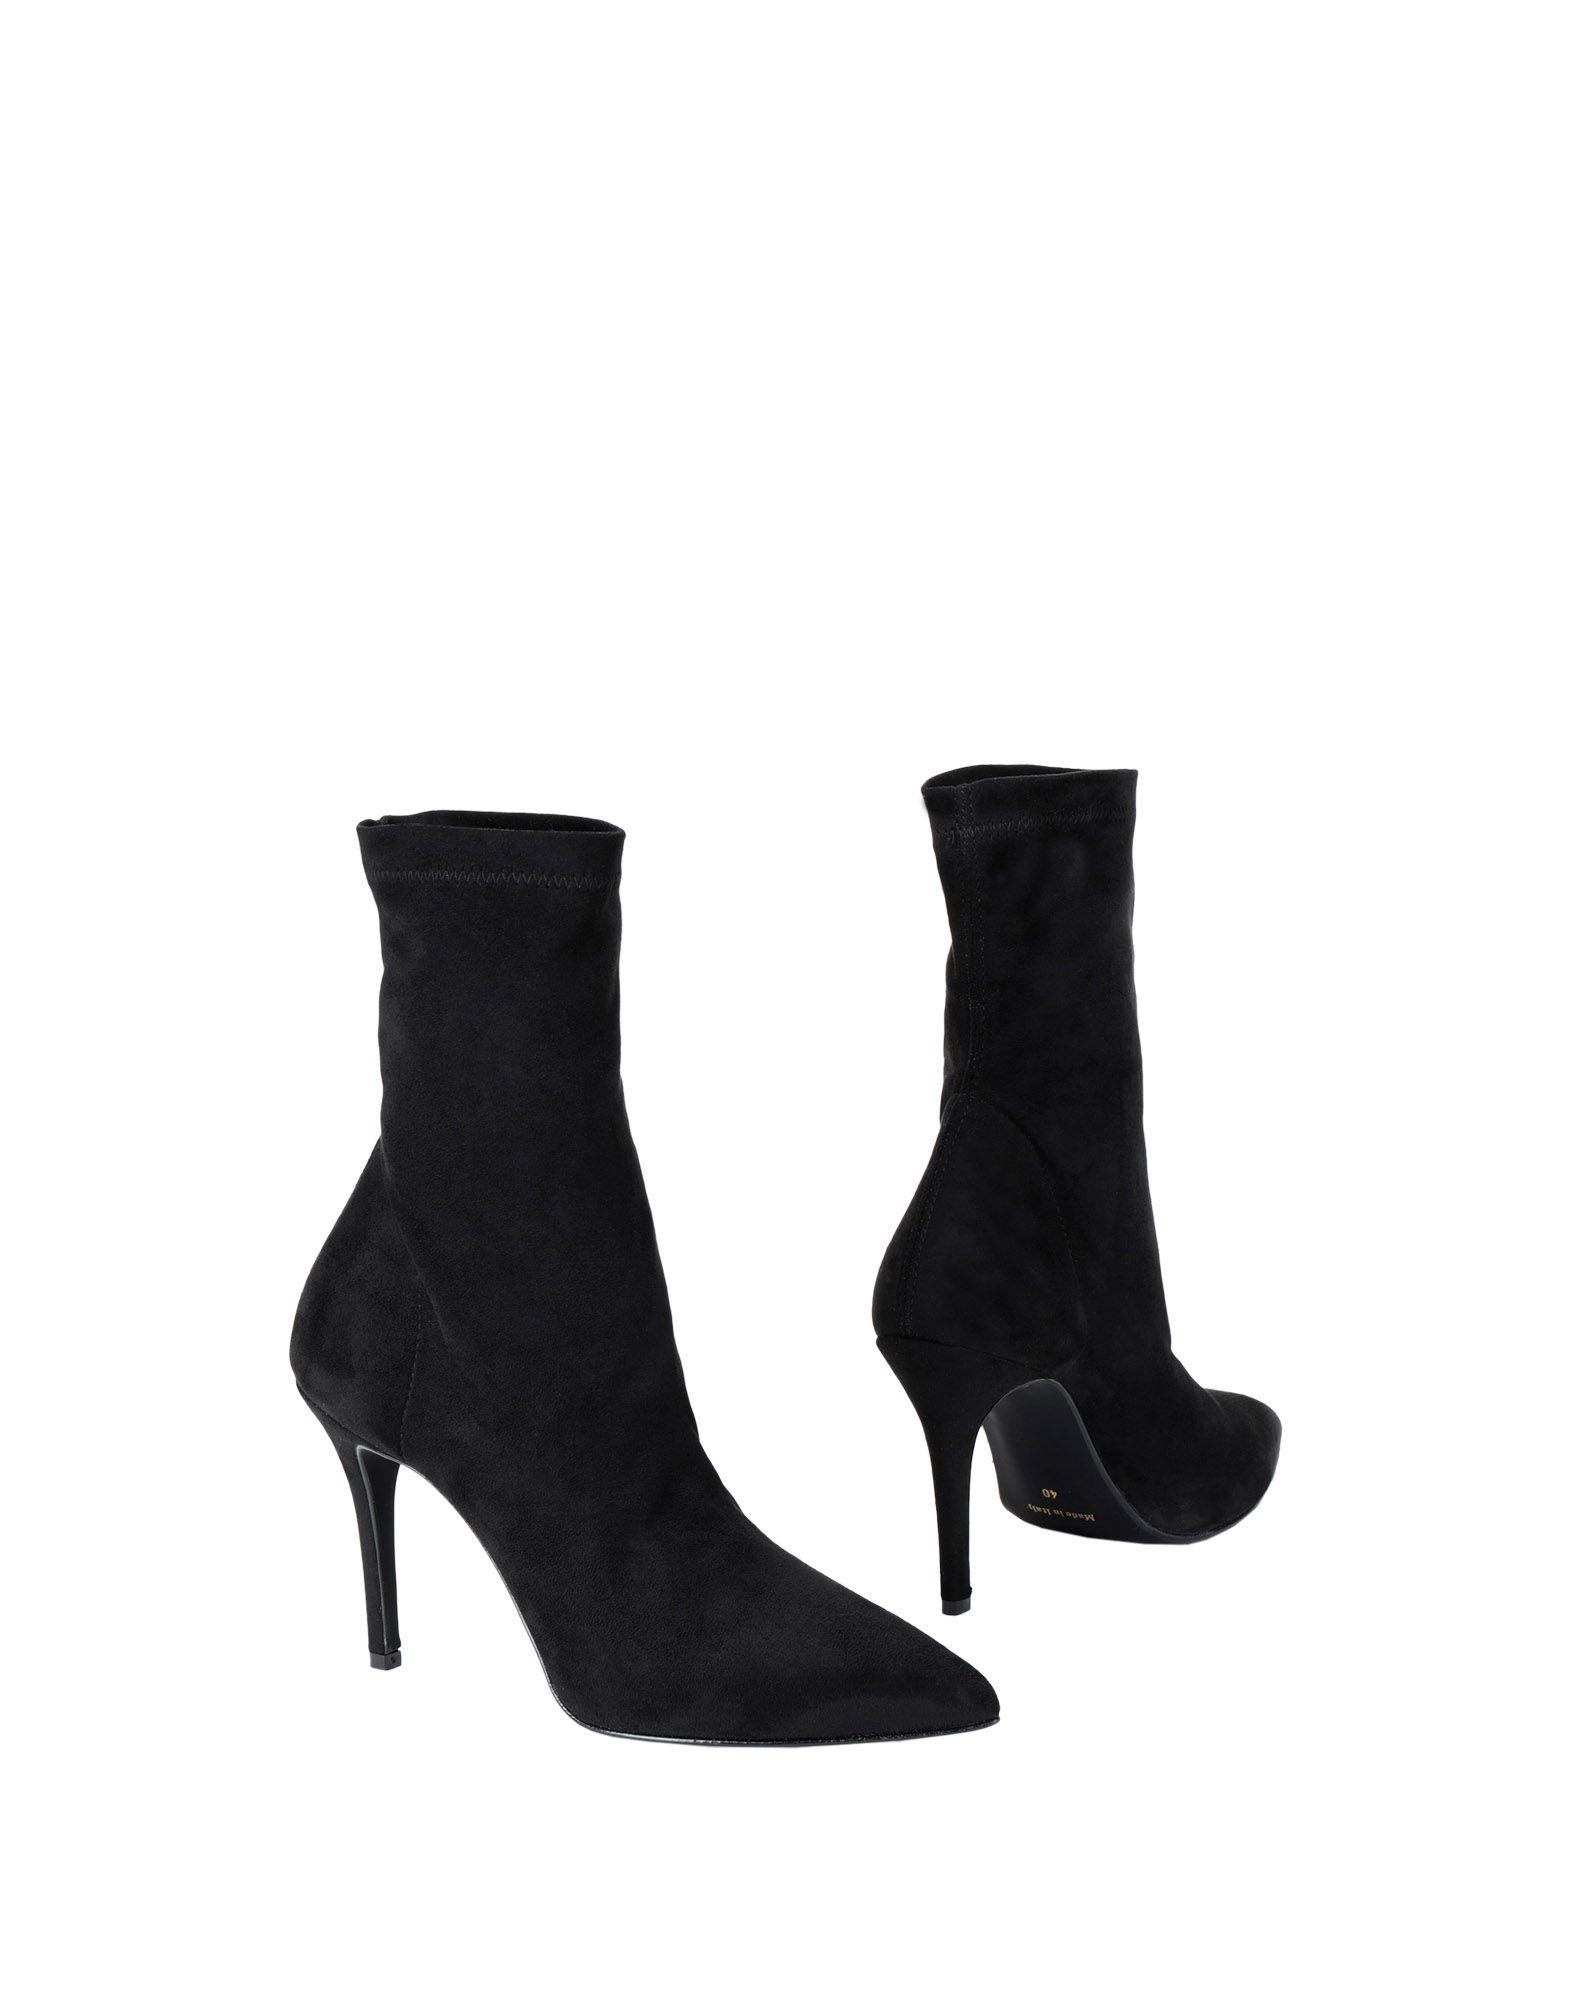 Jolie By Edward Spiers Stiefelette Damen  11539933XJ Gute Qualität beliebte Schuhe